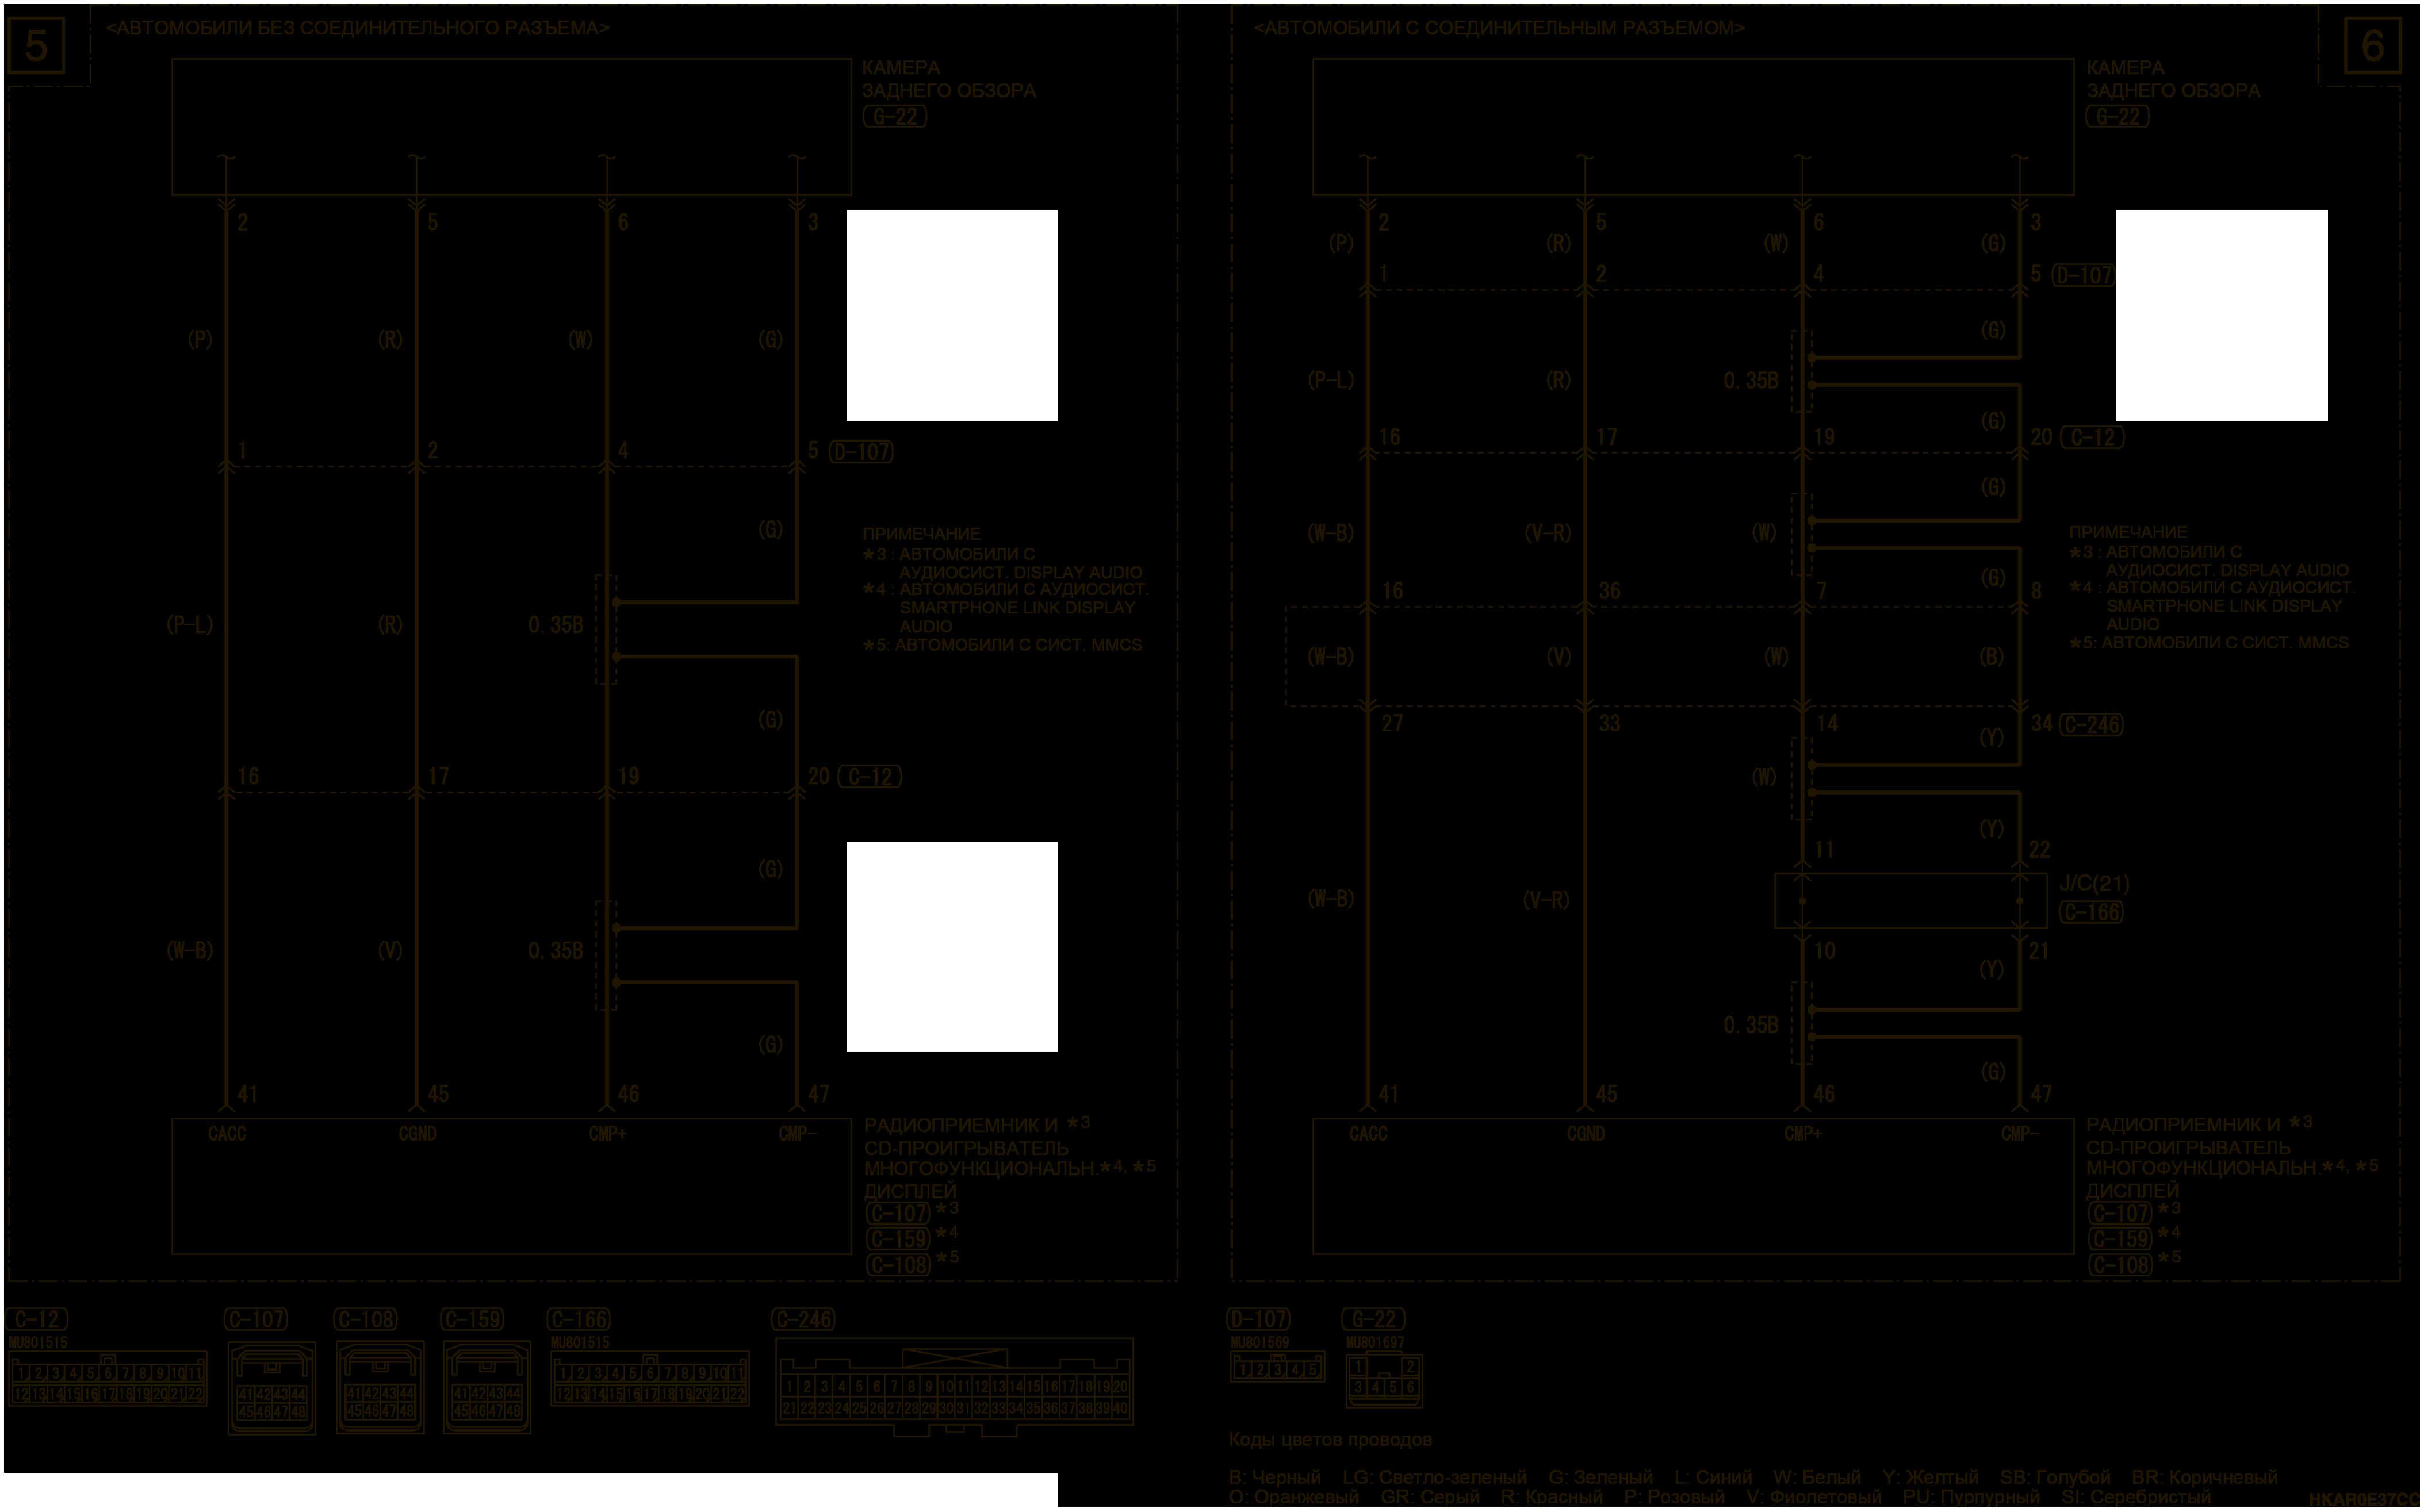 mmc аутлендер 3 2019 электросхемаКАМЕРА ЗАДНЕГО ОБЗОРААВТОМОБИЛИ БЕЗ СИСТЕМЫ КРУГОВОГО ОБЗОРА